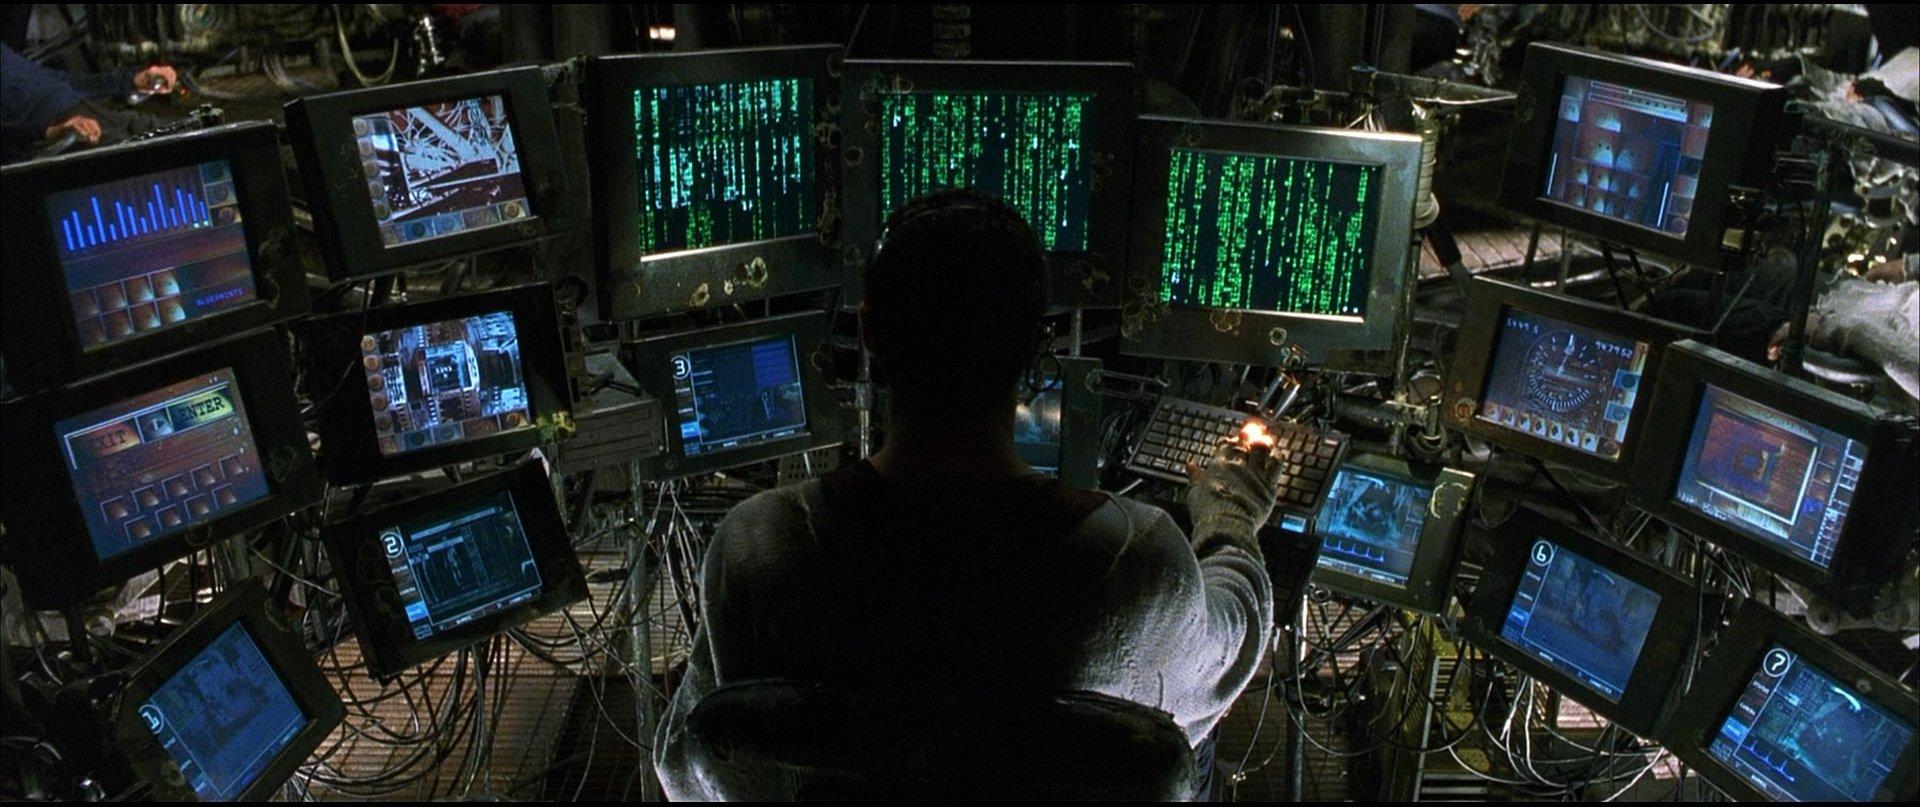 матрица 1999 смотреть онлайн скачать бесплатно кадры из фильма киану ривз виртуальная реальность андрей загудаев юрий красавин disgusting men com 15 лет матрице